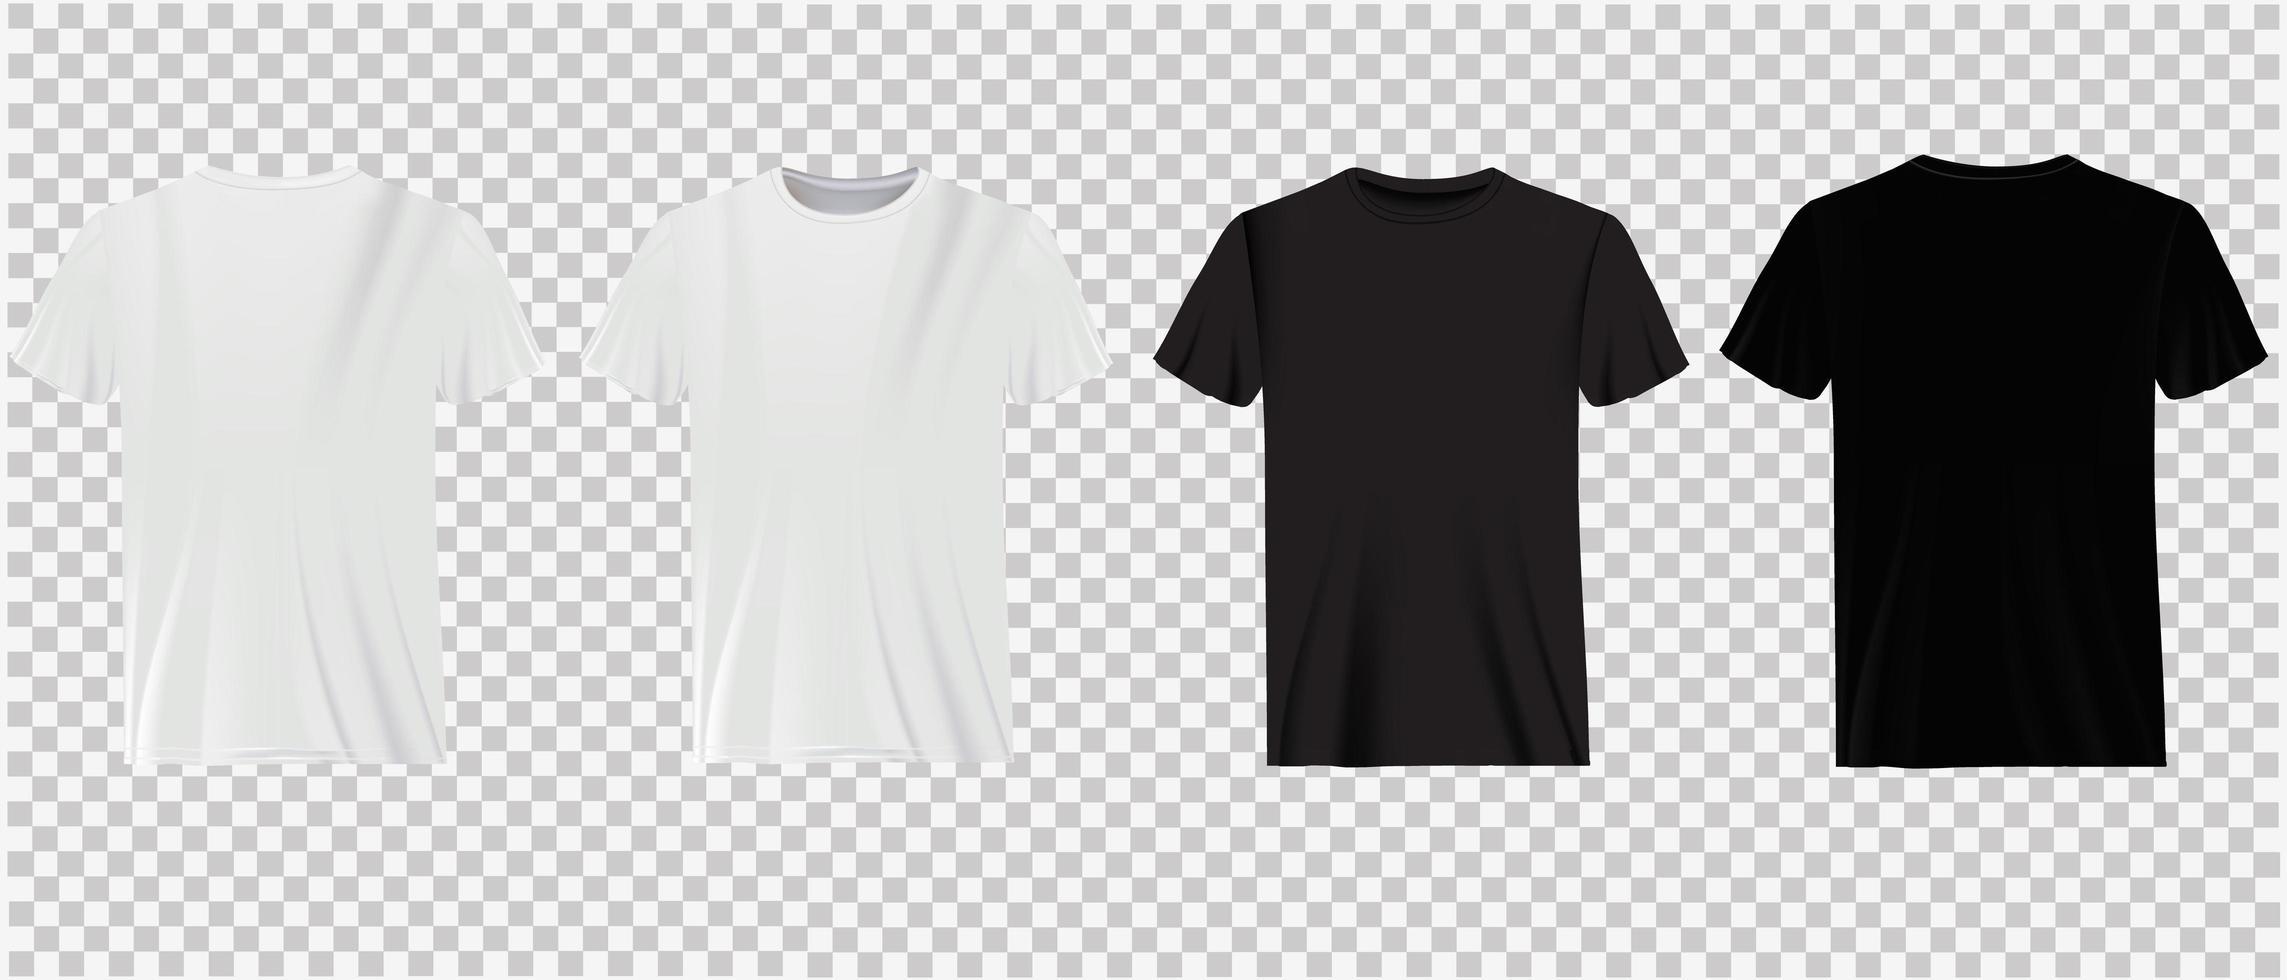 witte en zwarte t-shirts op transparantie vector